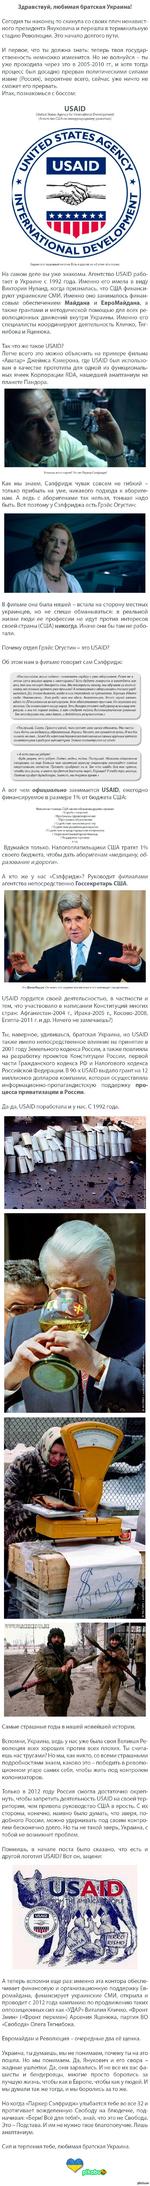 Здравствуй, любимая братская Украина! Сегодня ты наконец-то скинула со своих плеч ненавистного президента Януковича и перешла в терминальную стадию Революции. Эго начало долгого пути. И первое, что ты должна знать: теперь твоя государственность немножко изменится. Но не волнуйся - ты уже проходил